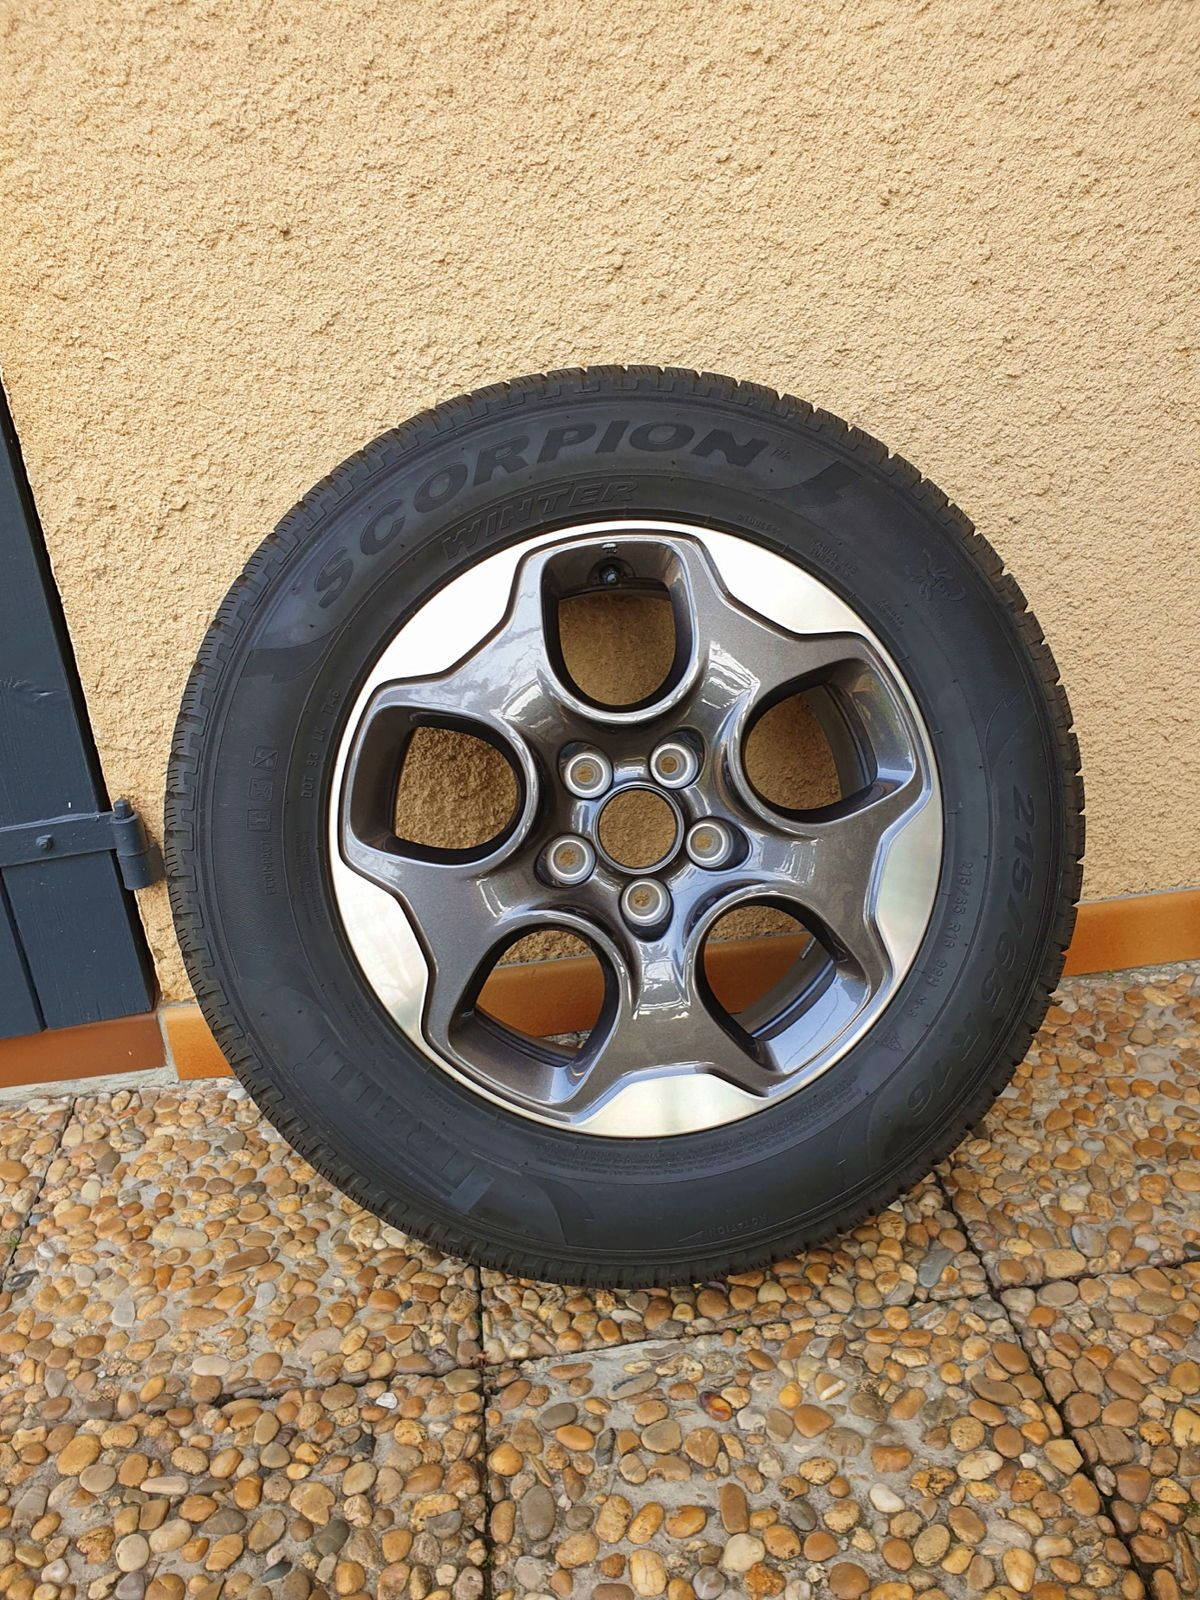 4roues neige, pneus Pirelli Scorpion - 215/ 65R 1698H